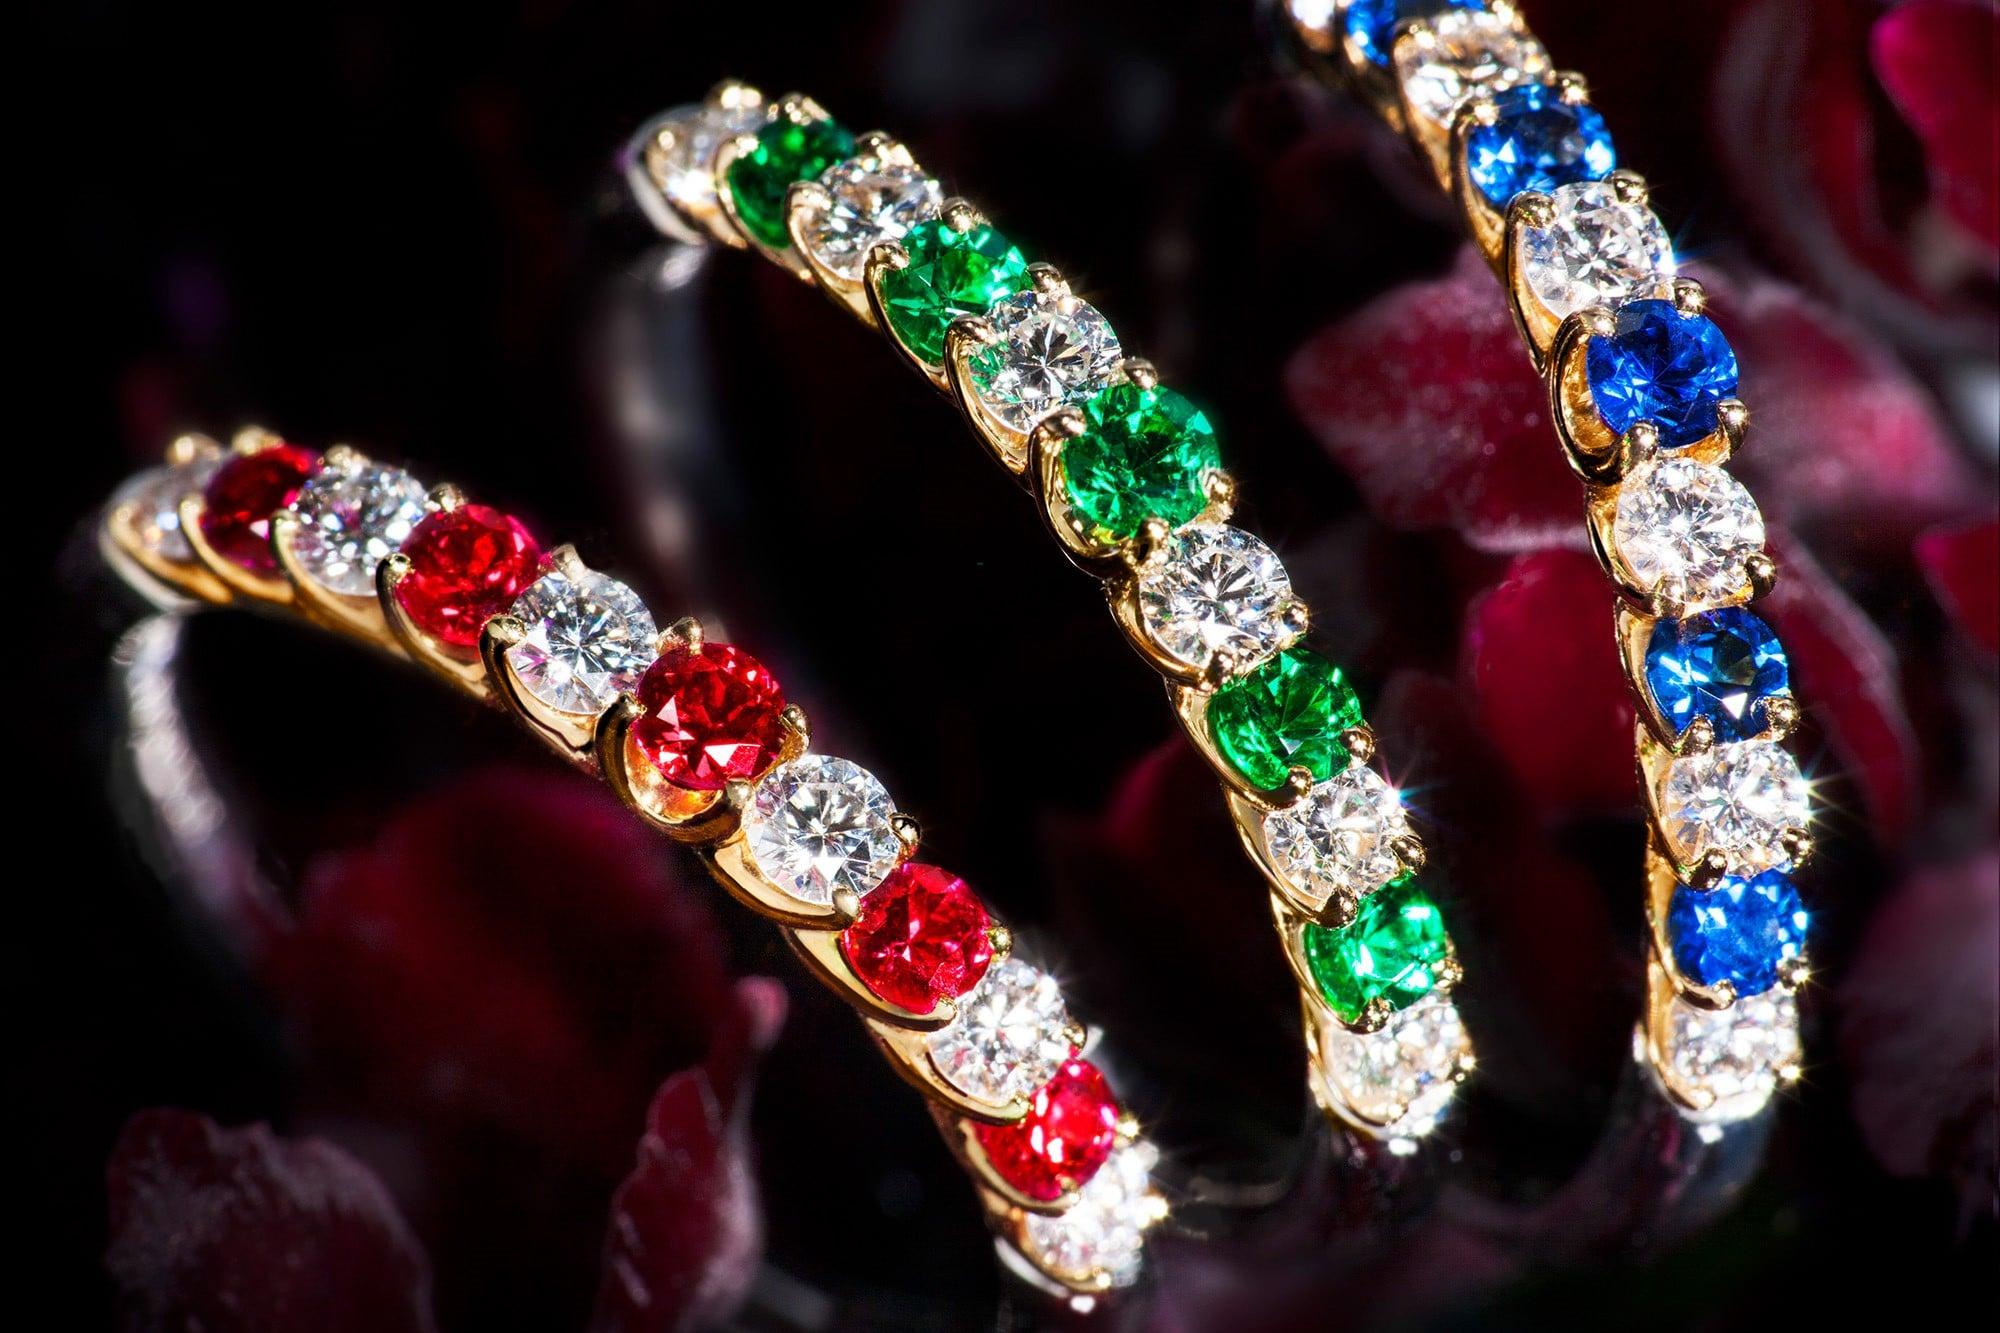 """组合镶嵌了钻石和宝石的婚戒。所采用的钻石、红宝石、蓝宝石、未经加工的祖母绿都由采购员千挑万选,是精品中的精品。 """"纪念 婚戒""""均采用铂金/18K黄金、钻石。从右开始/蓝宝石363,000日元、绿宝石495,000日元、红宝石363,000日元 均为含税价"""